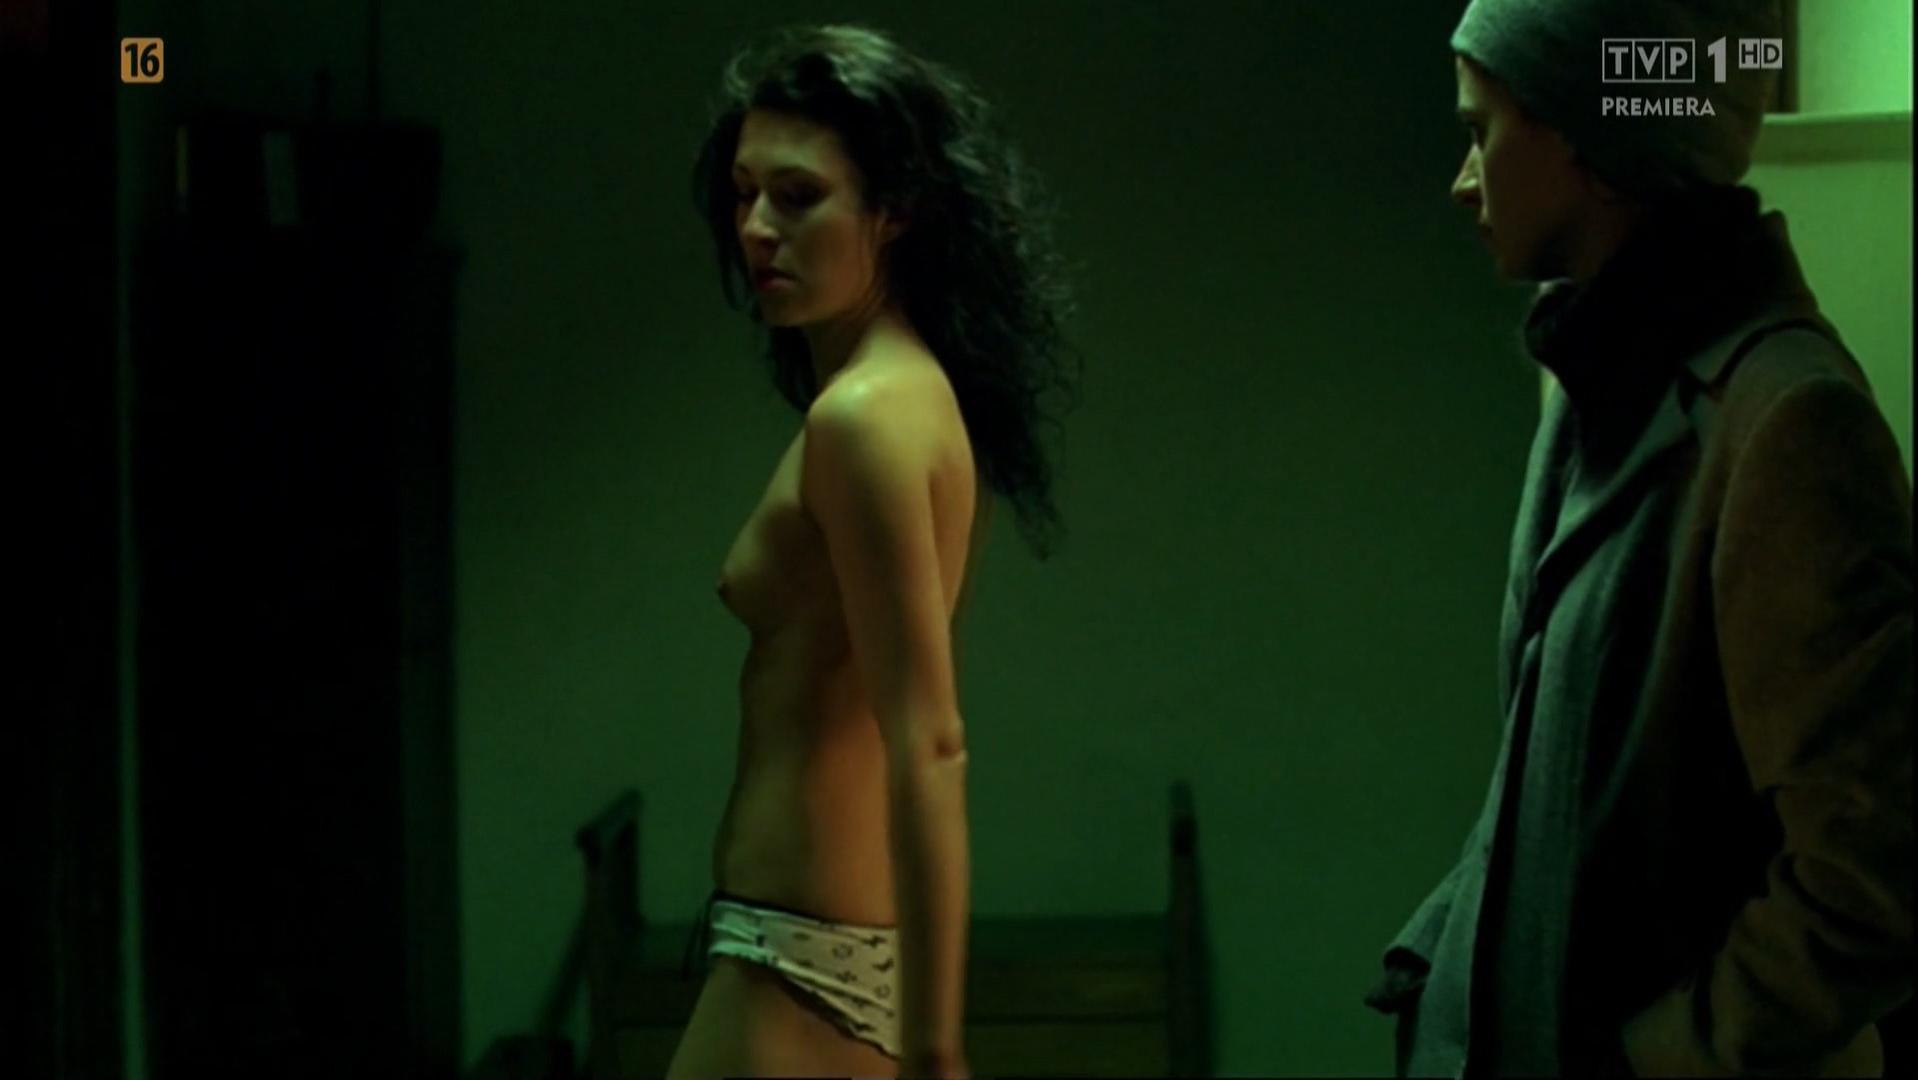 Agnieszka Grochowska nude, Monika Radziwon nude - Nie Opuszczaj Mnie (2009)